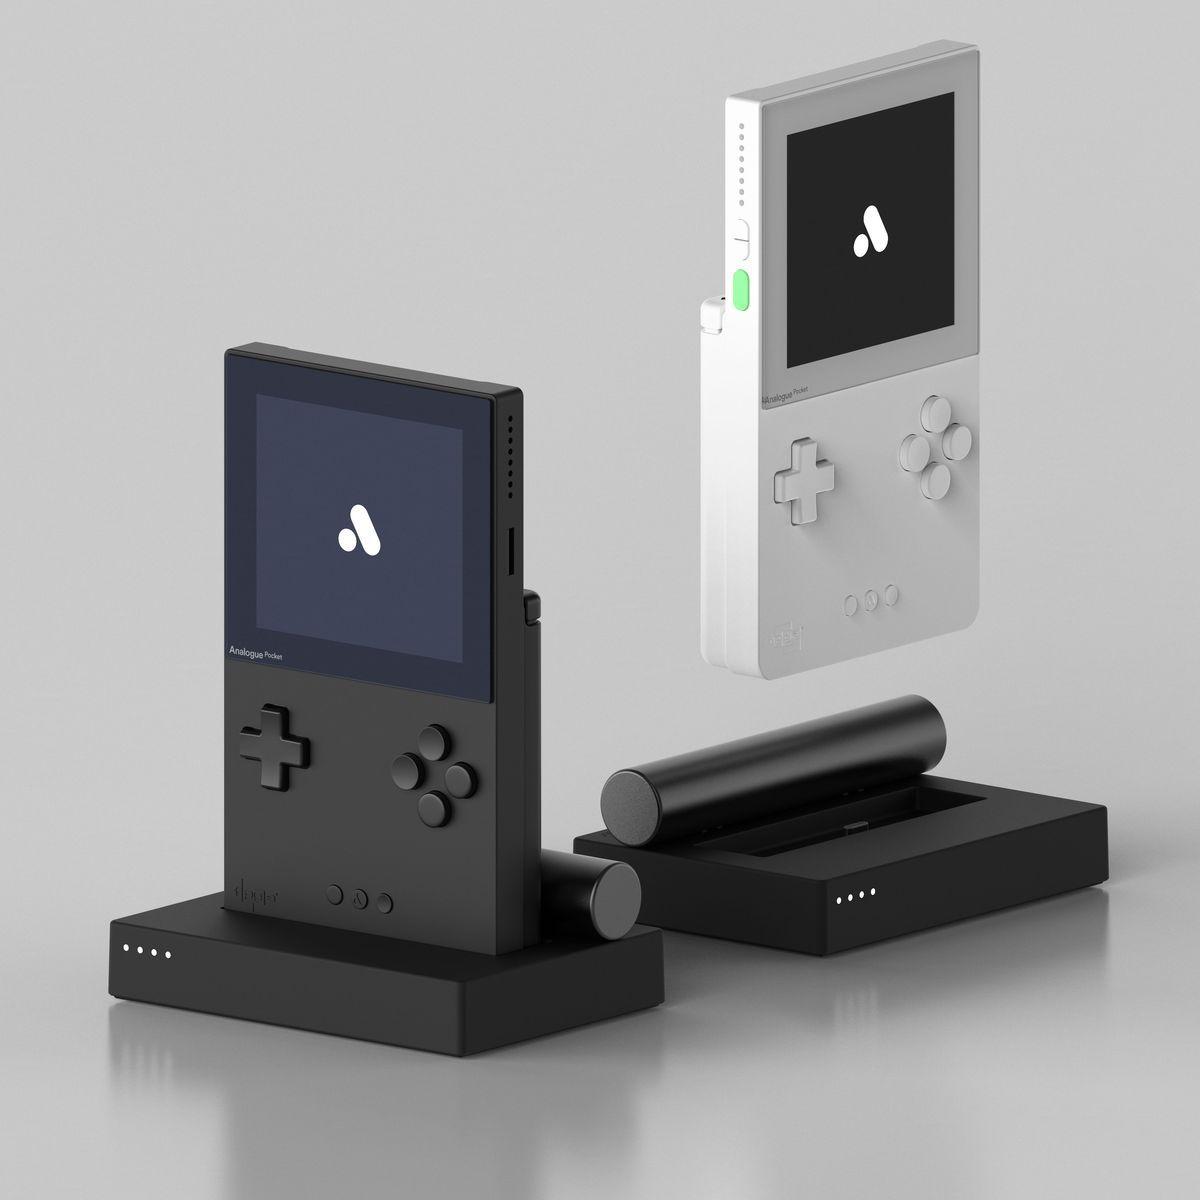 【おしゃれ】携帯ゲーム機の互換機『Pocket』8月4日より予約販売を開始   ゲームボーイ、GBカラー、GBアドバンスのゲームソフトに対応した互換機